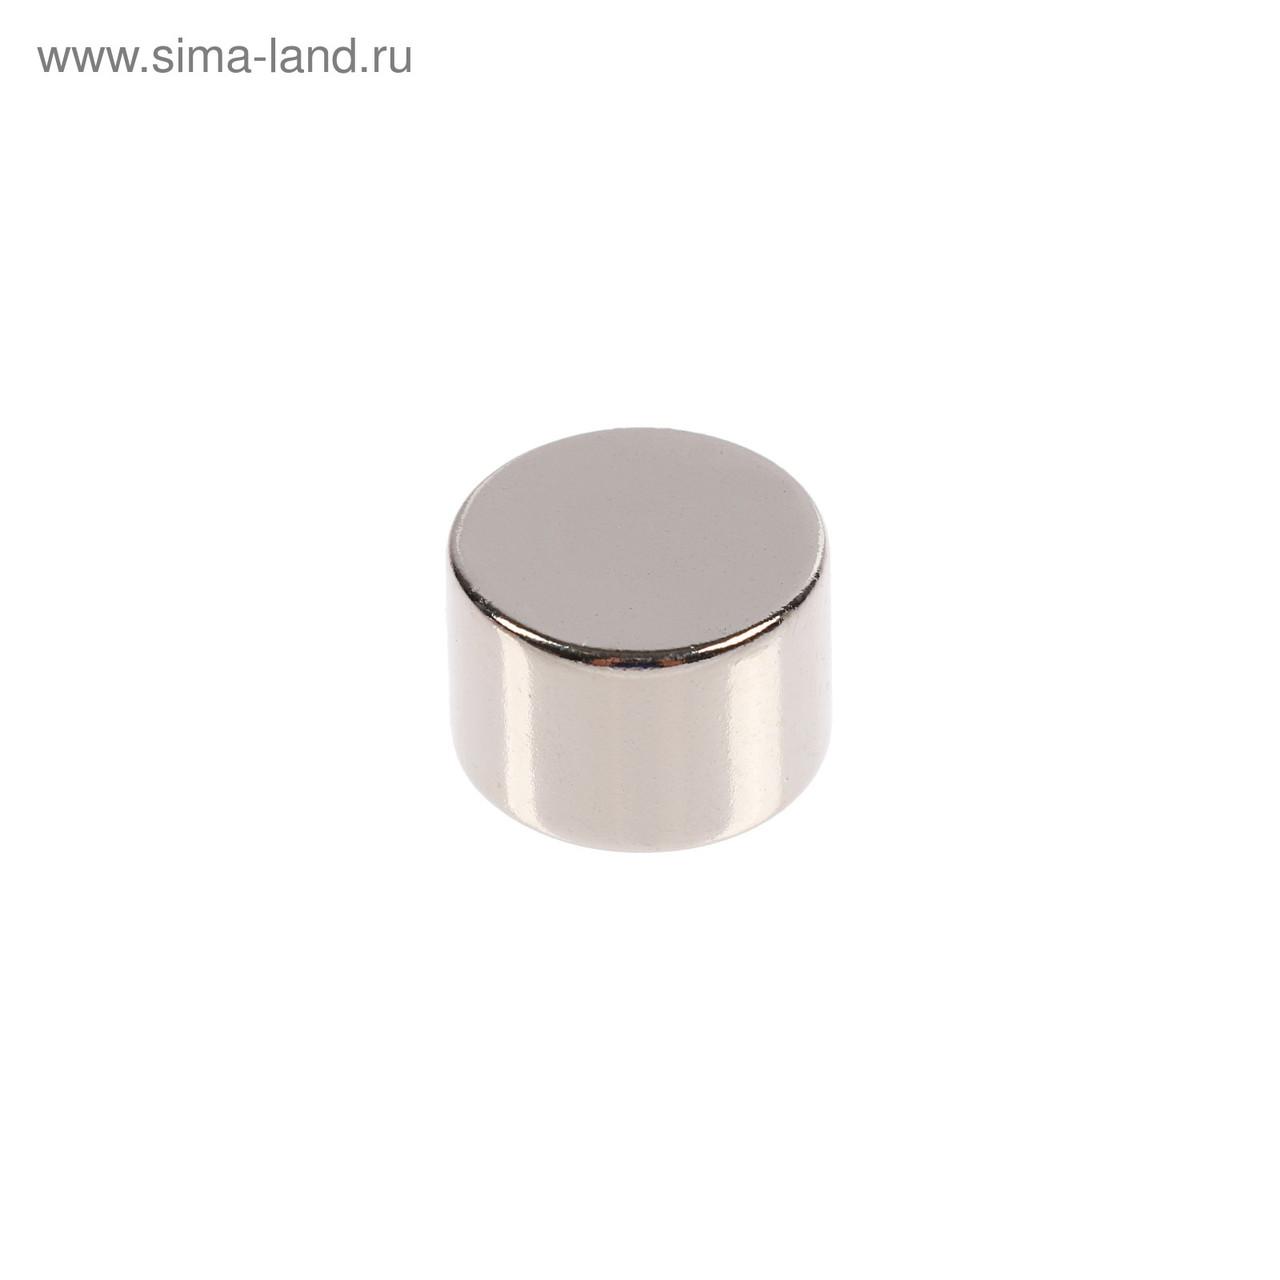 Неодимовий магніт 20 * 20 мм